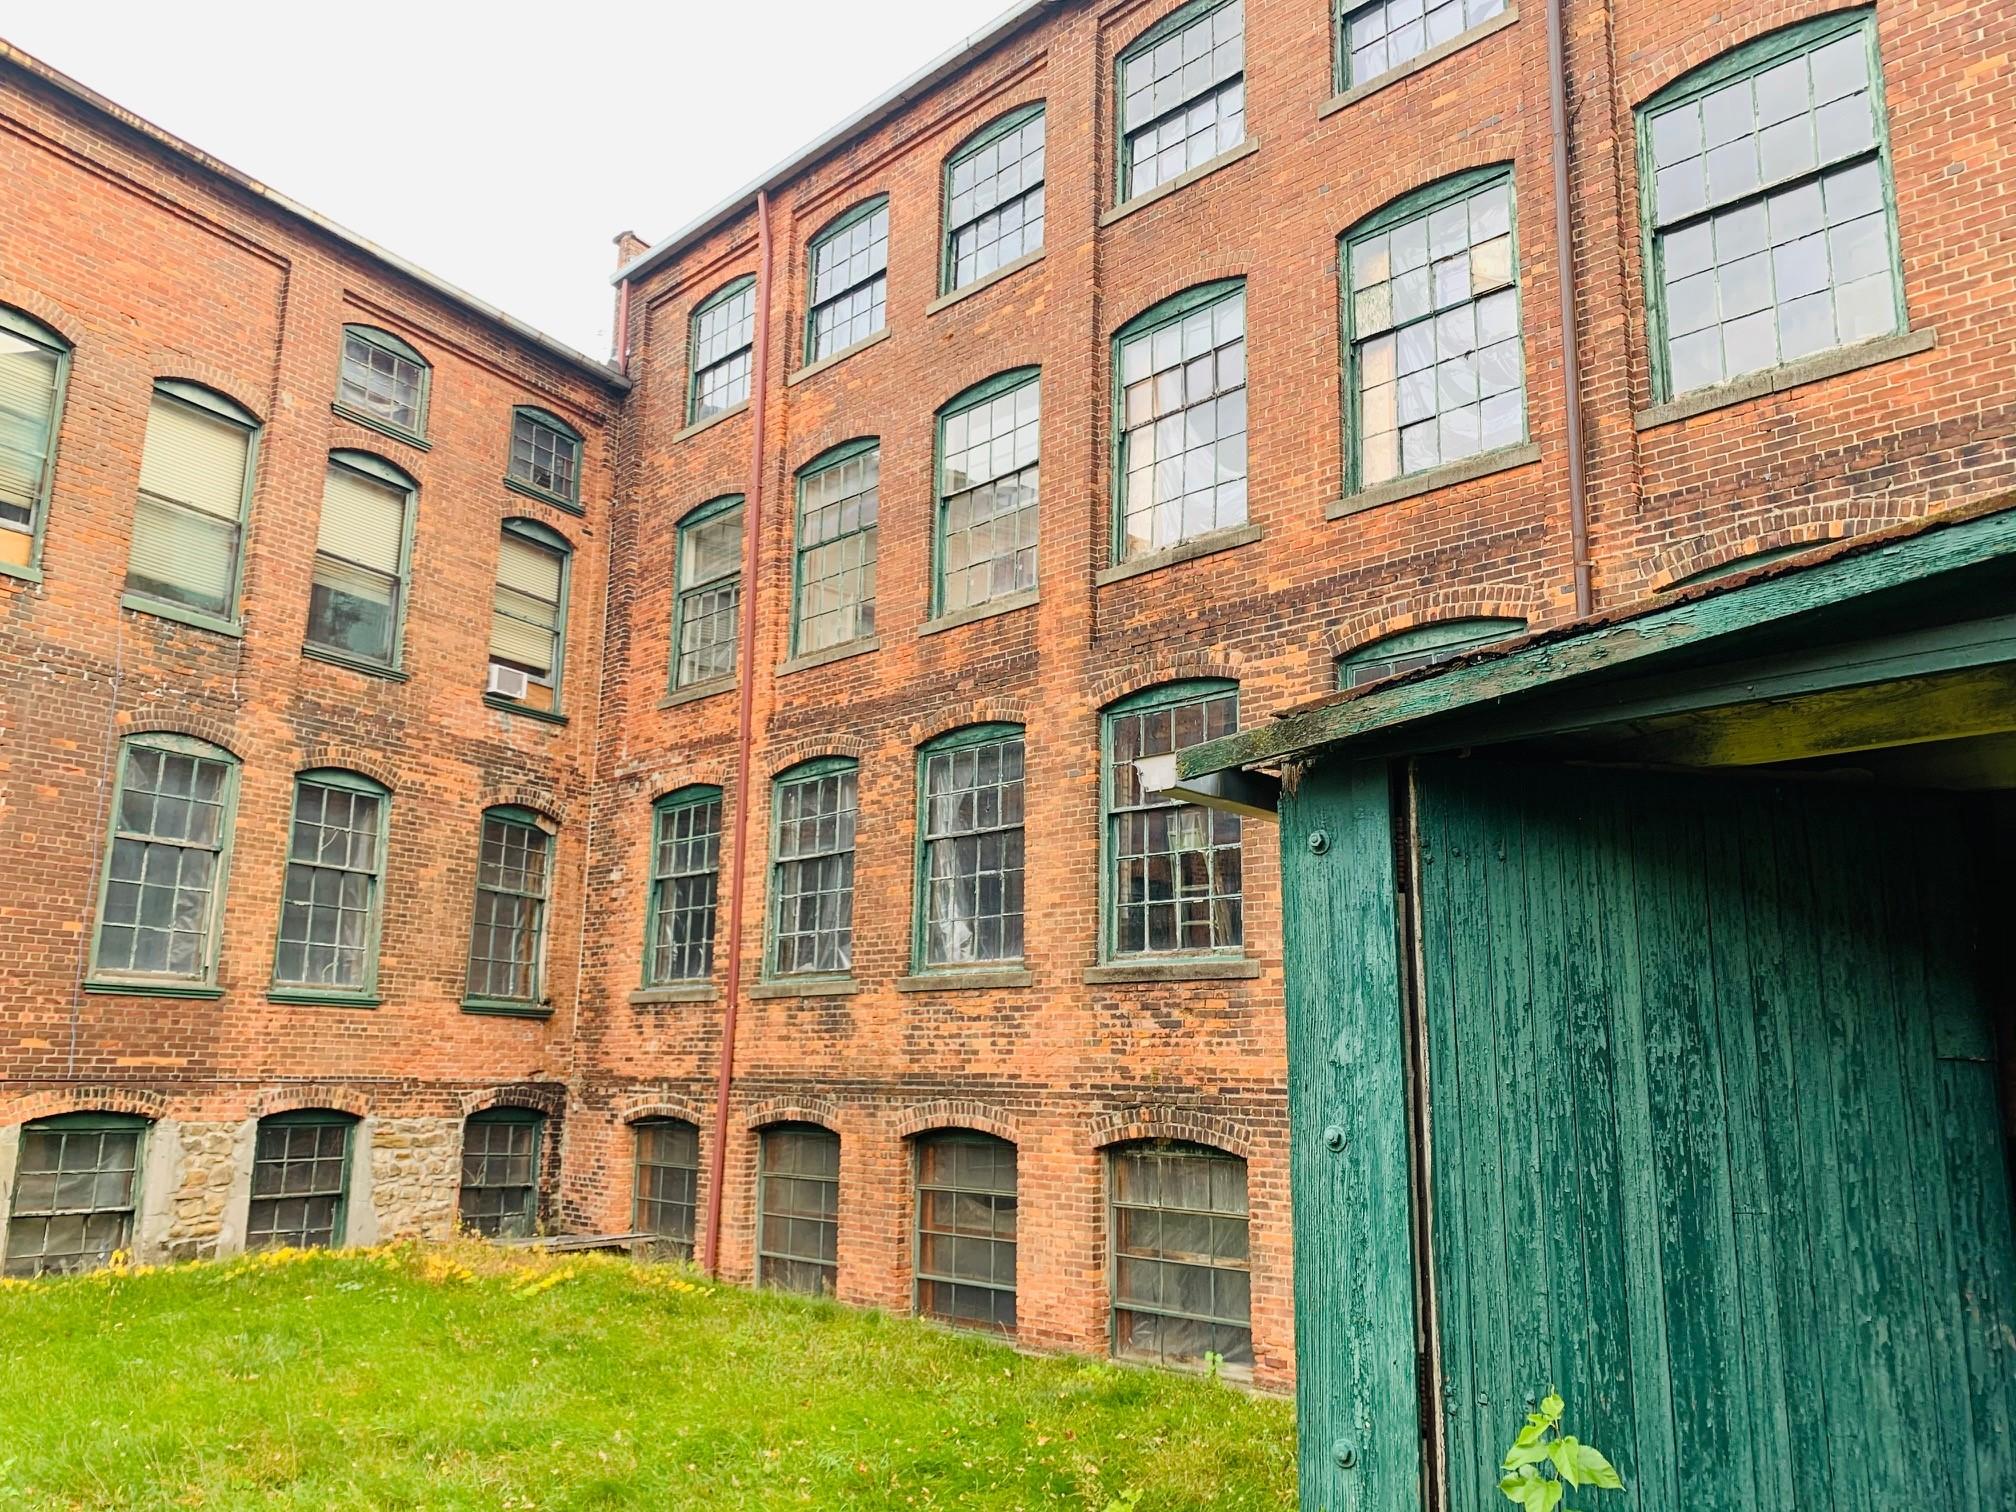 Jackson Automobile Factory factory exterior - interior courtyard 2